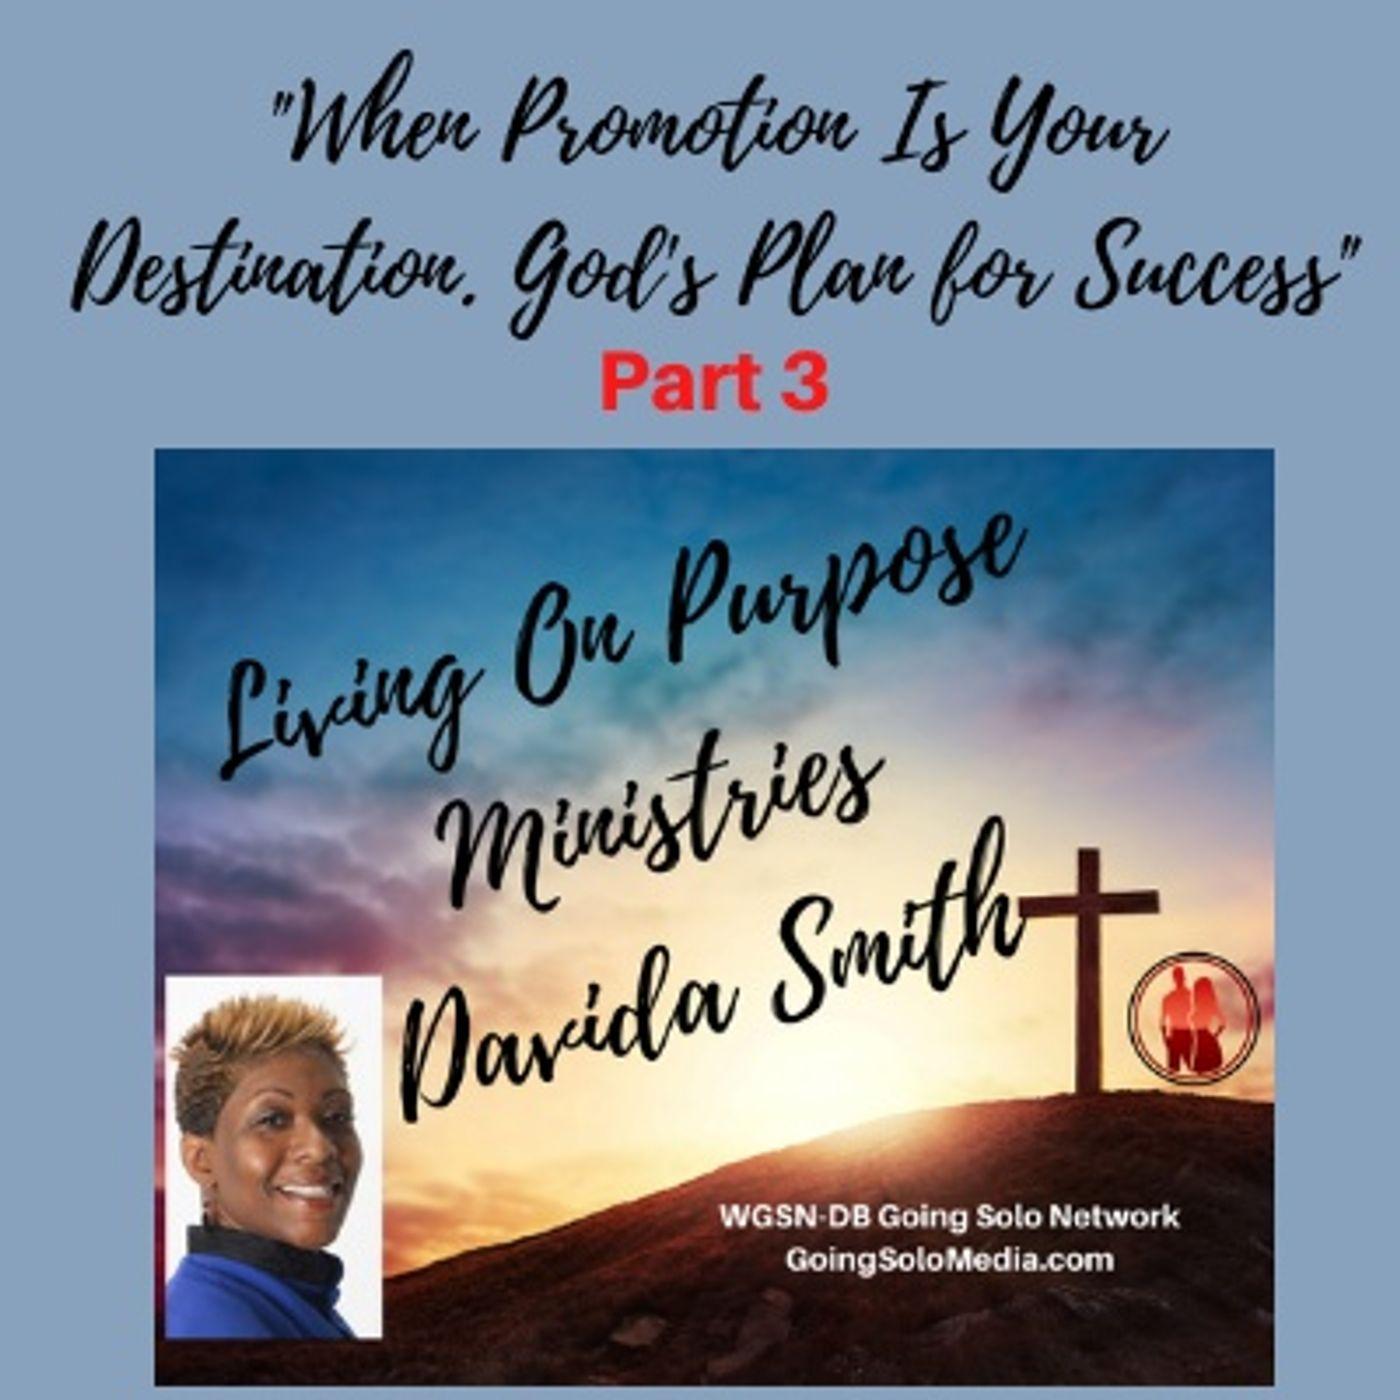 Part 3 - When Promotion Is Your Destination. God's Plan for Success